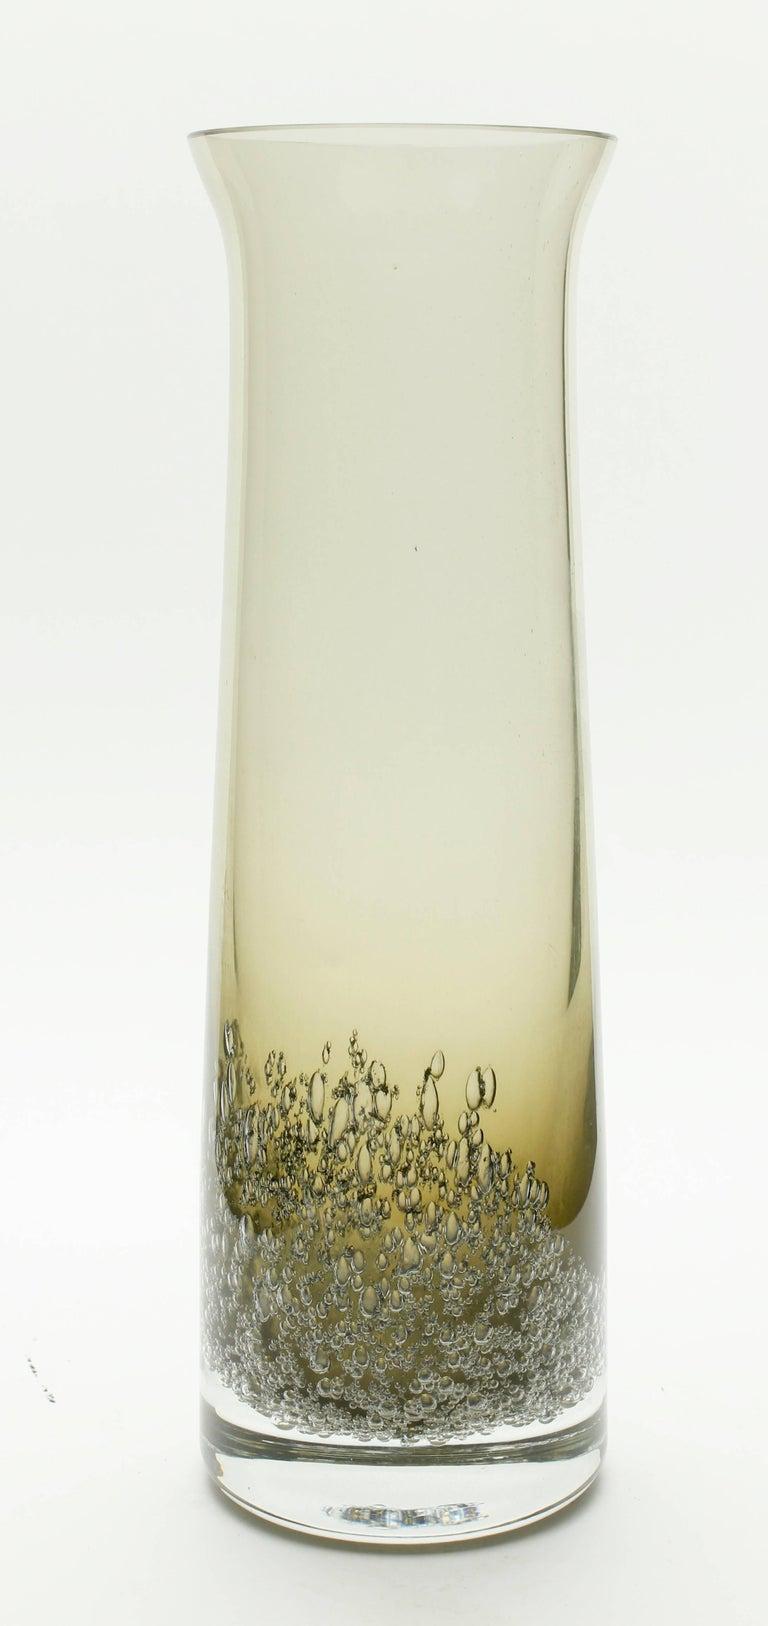 20th Century Vases by Heinrich Löffelhardt for Schott Zwiesel, 1950s For Sale